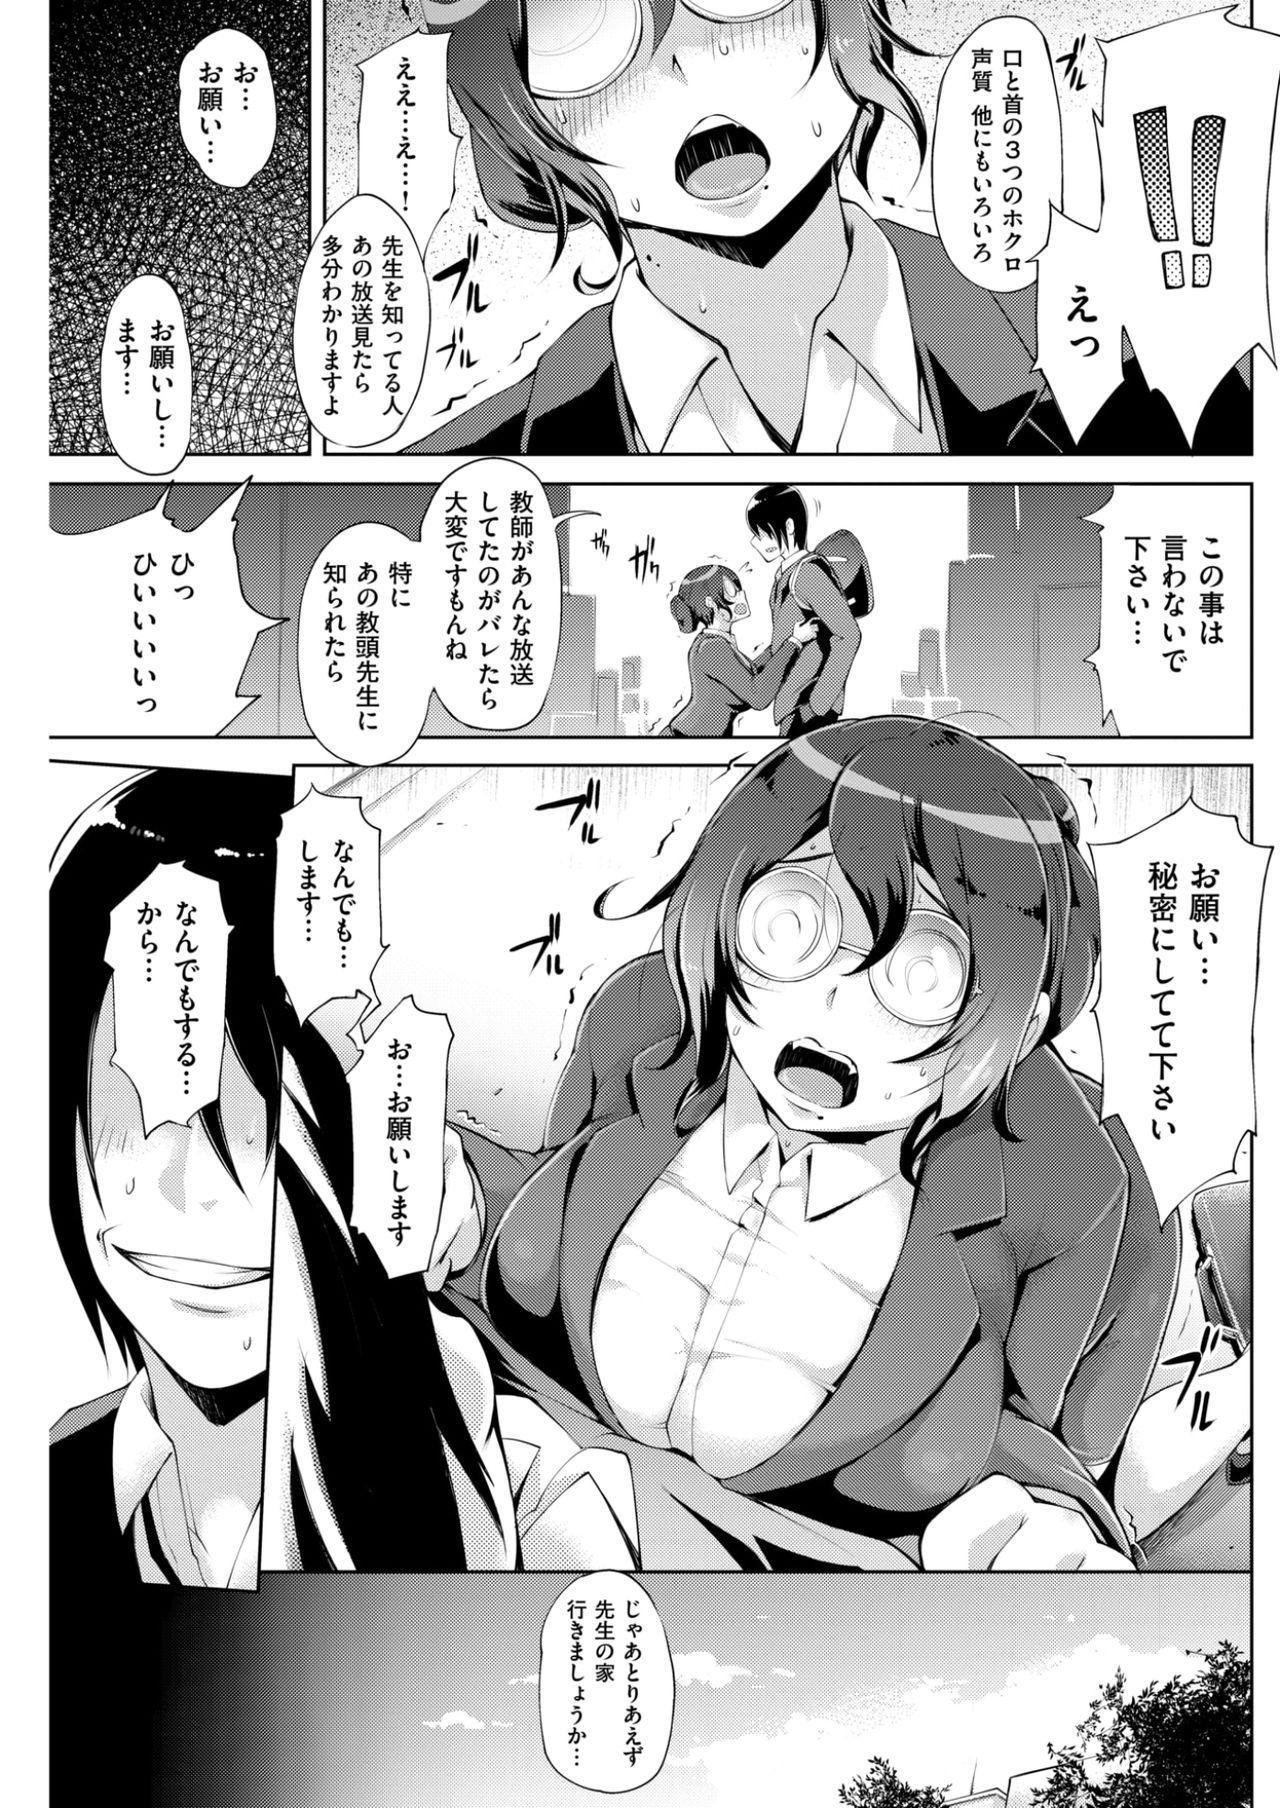 COMIC Shitsurakuten 2017-07 185